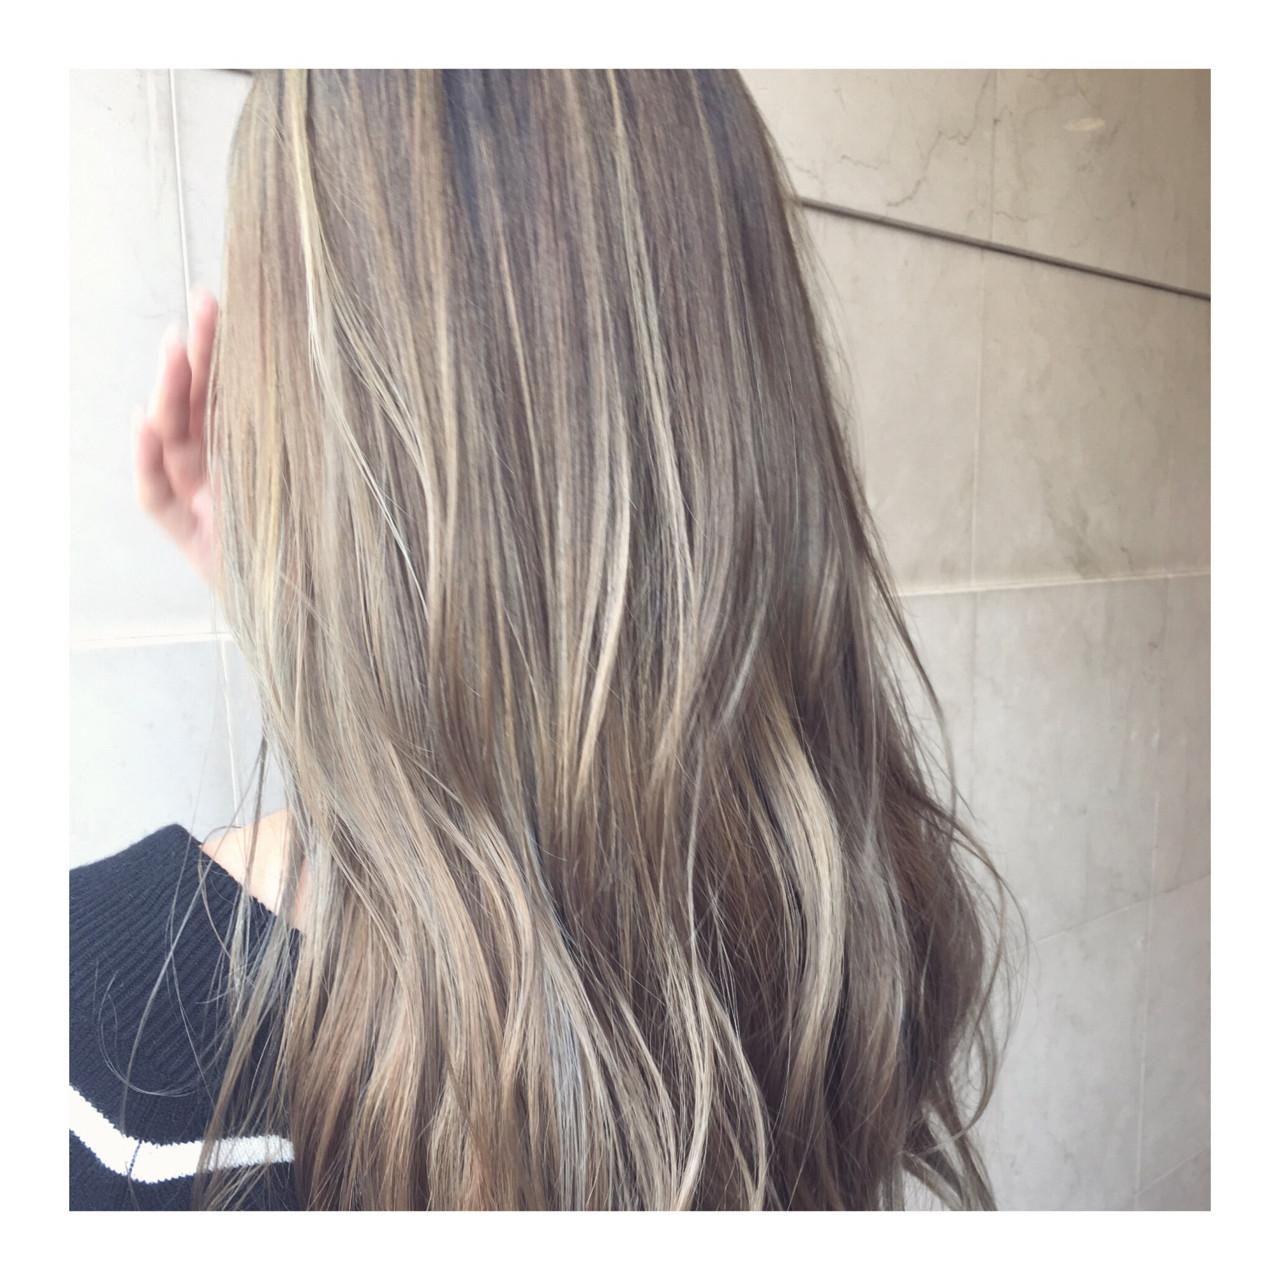 グレージュ ナチュラル ハイトーン 外国人風 ヘアスタイルや髪型の写真・画像 | 西嶋えり子 / HAIR'S Lunetta